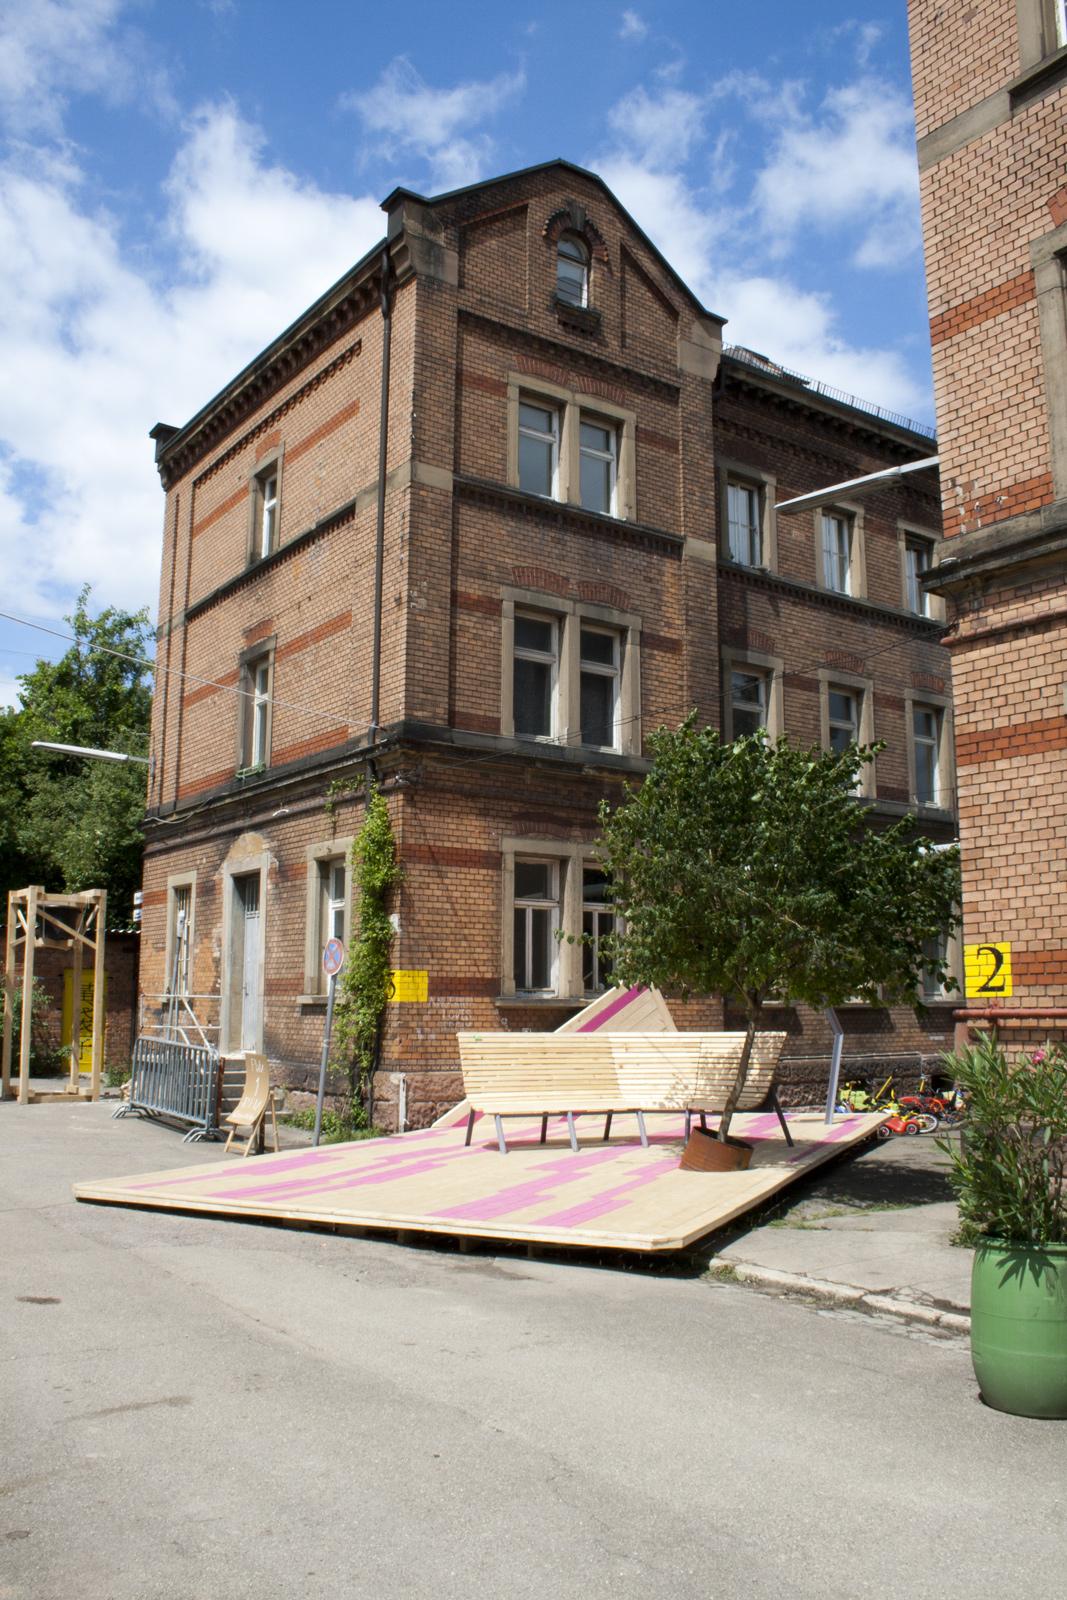 Premiados da Competição 72 Horas de Ação Urbana Stuttgart 2012 , 1° Lugar - Toy Parking da equipe TÜFTLER  / © Isabelle Willnauer